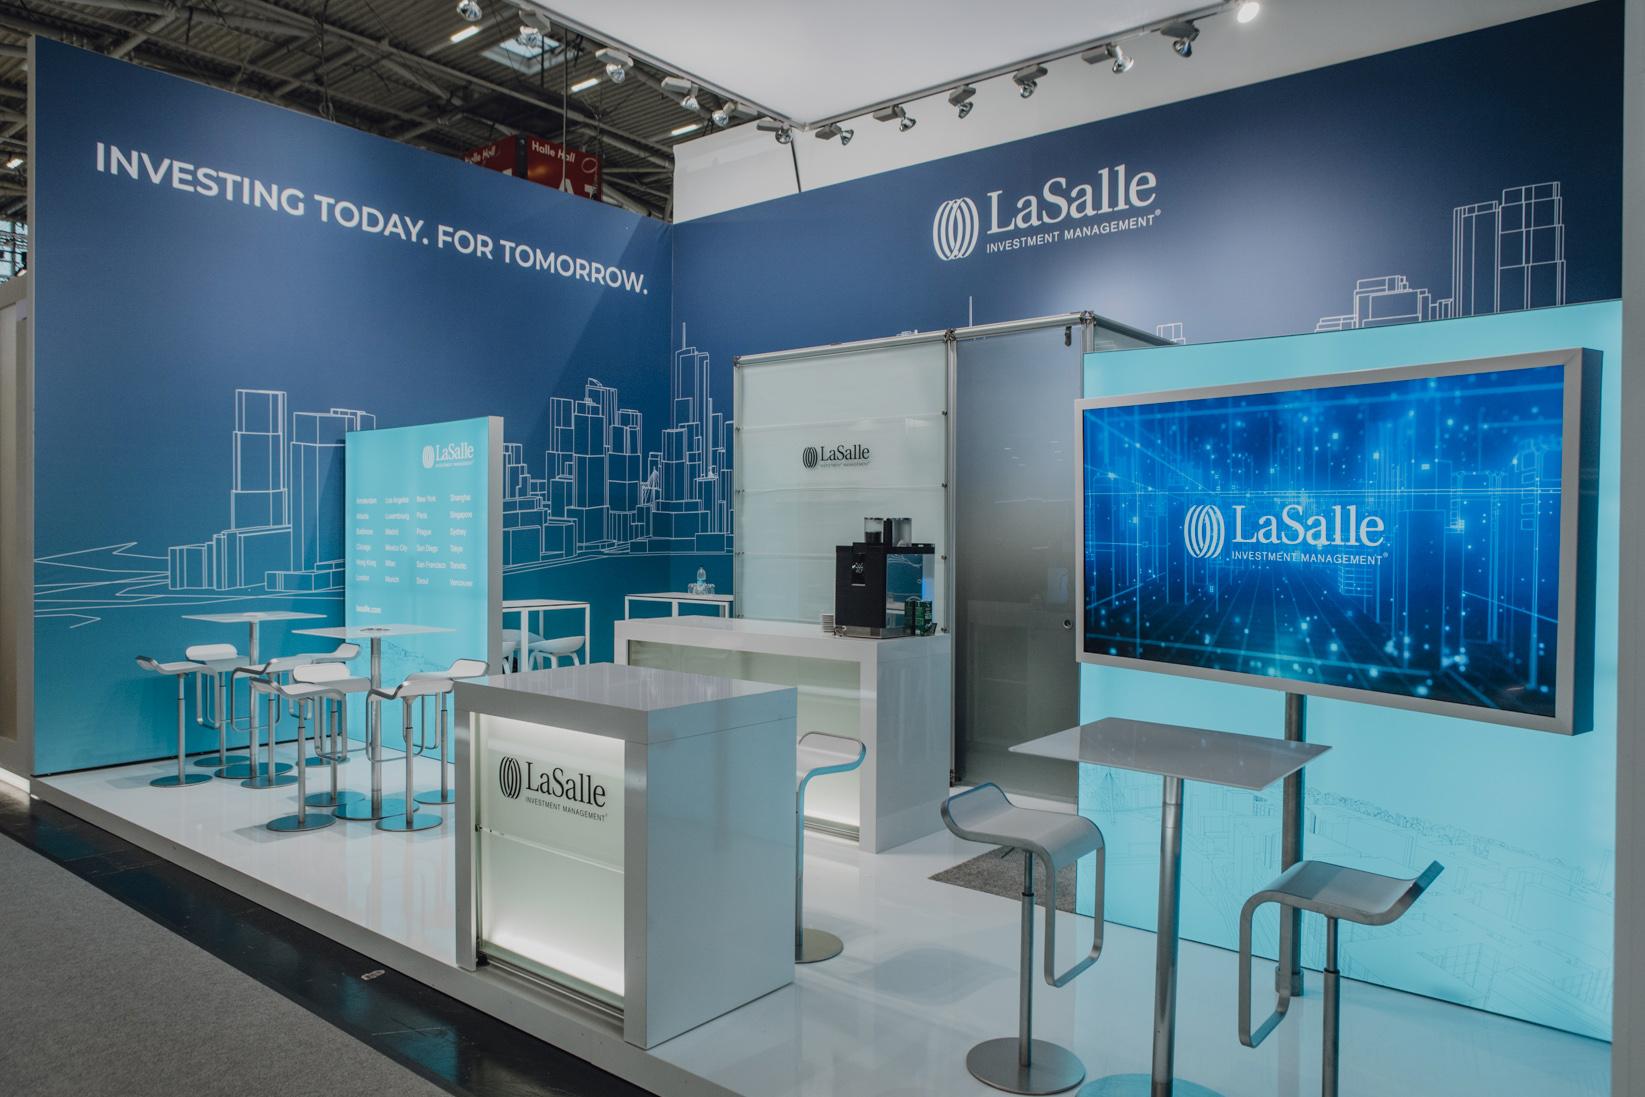 , Dokumentation des Messestandes für LaSalle Investment Management